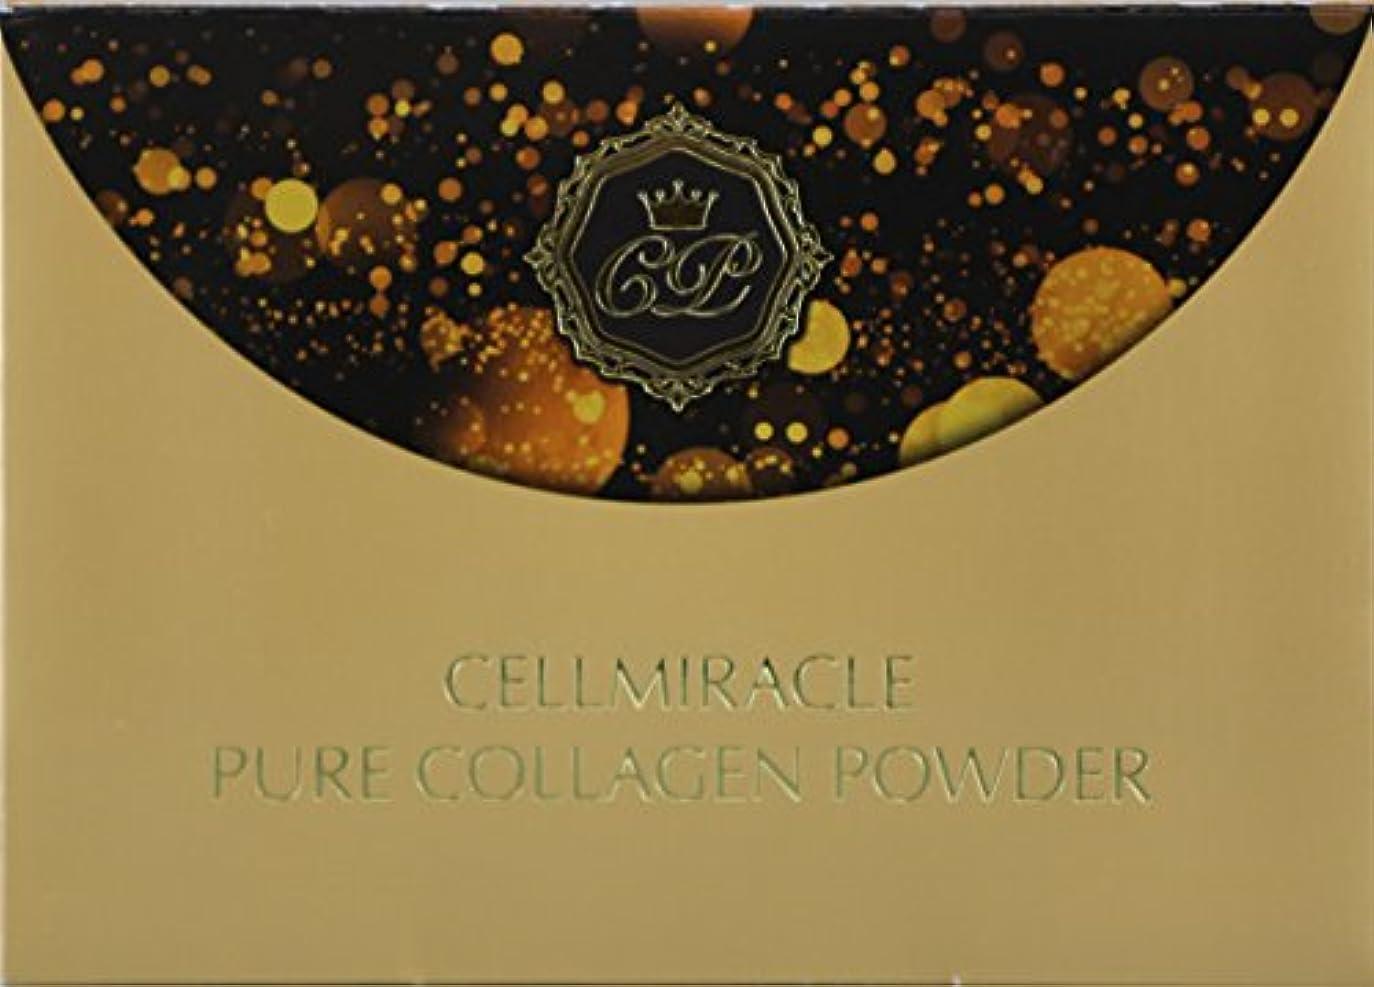 逃れる簿記係検査官CELLMIRACLE 低分子フィッシュコラーゲンパウダー美容液 2g 約40日分